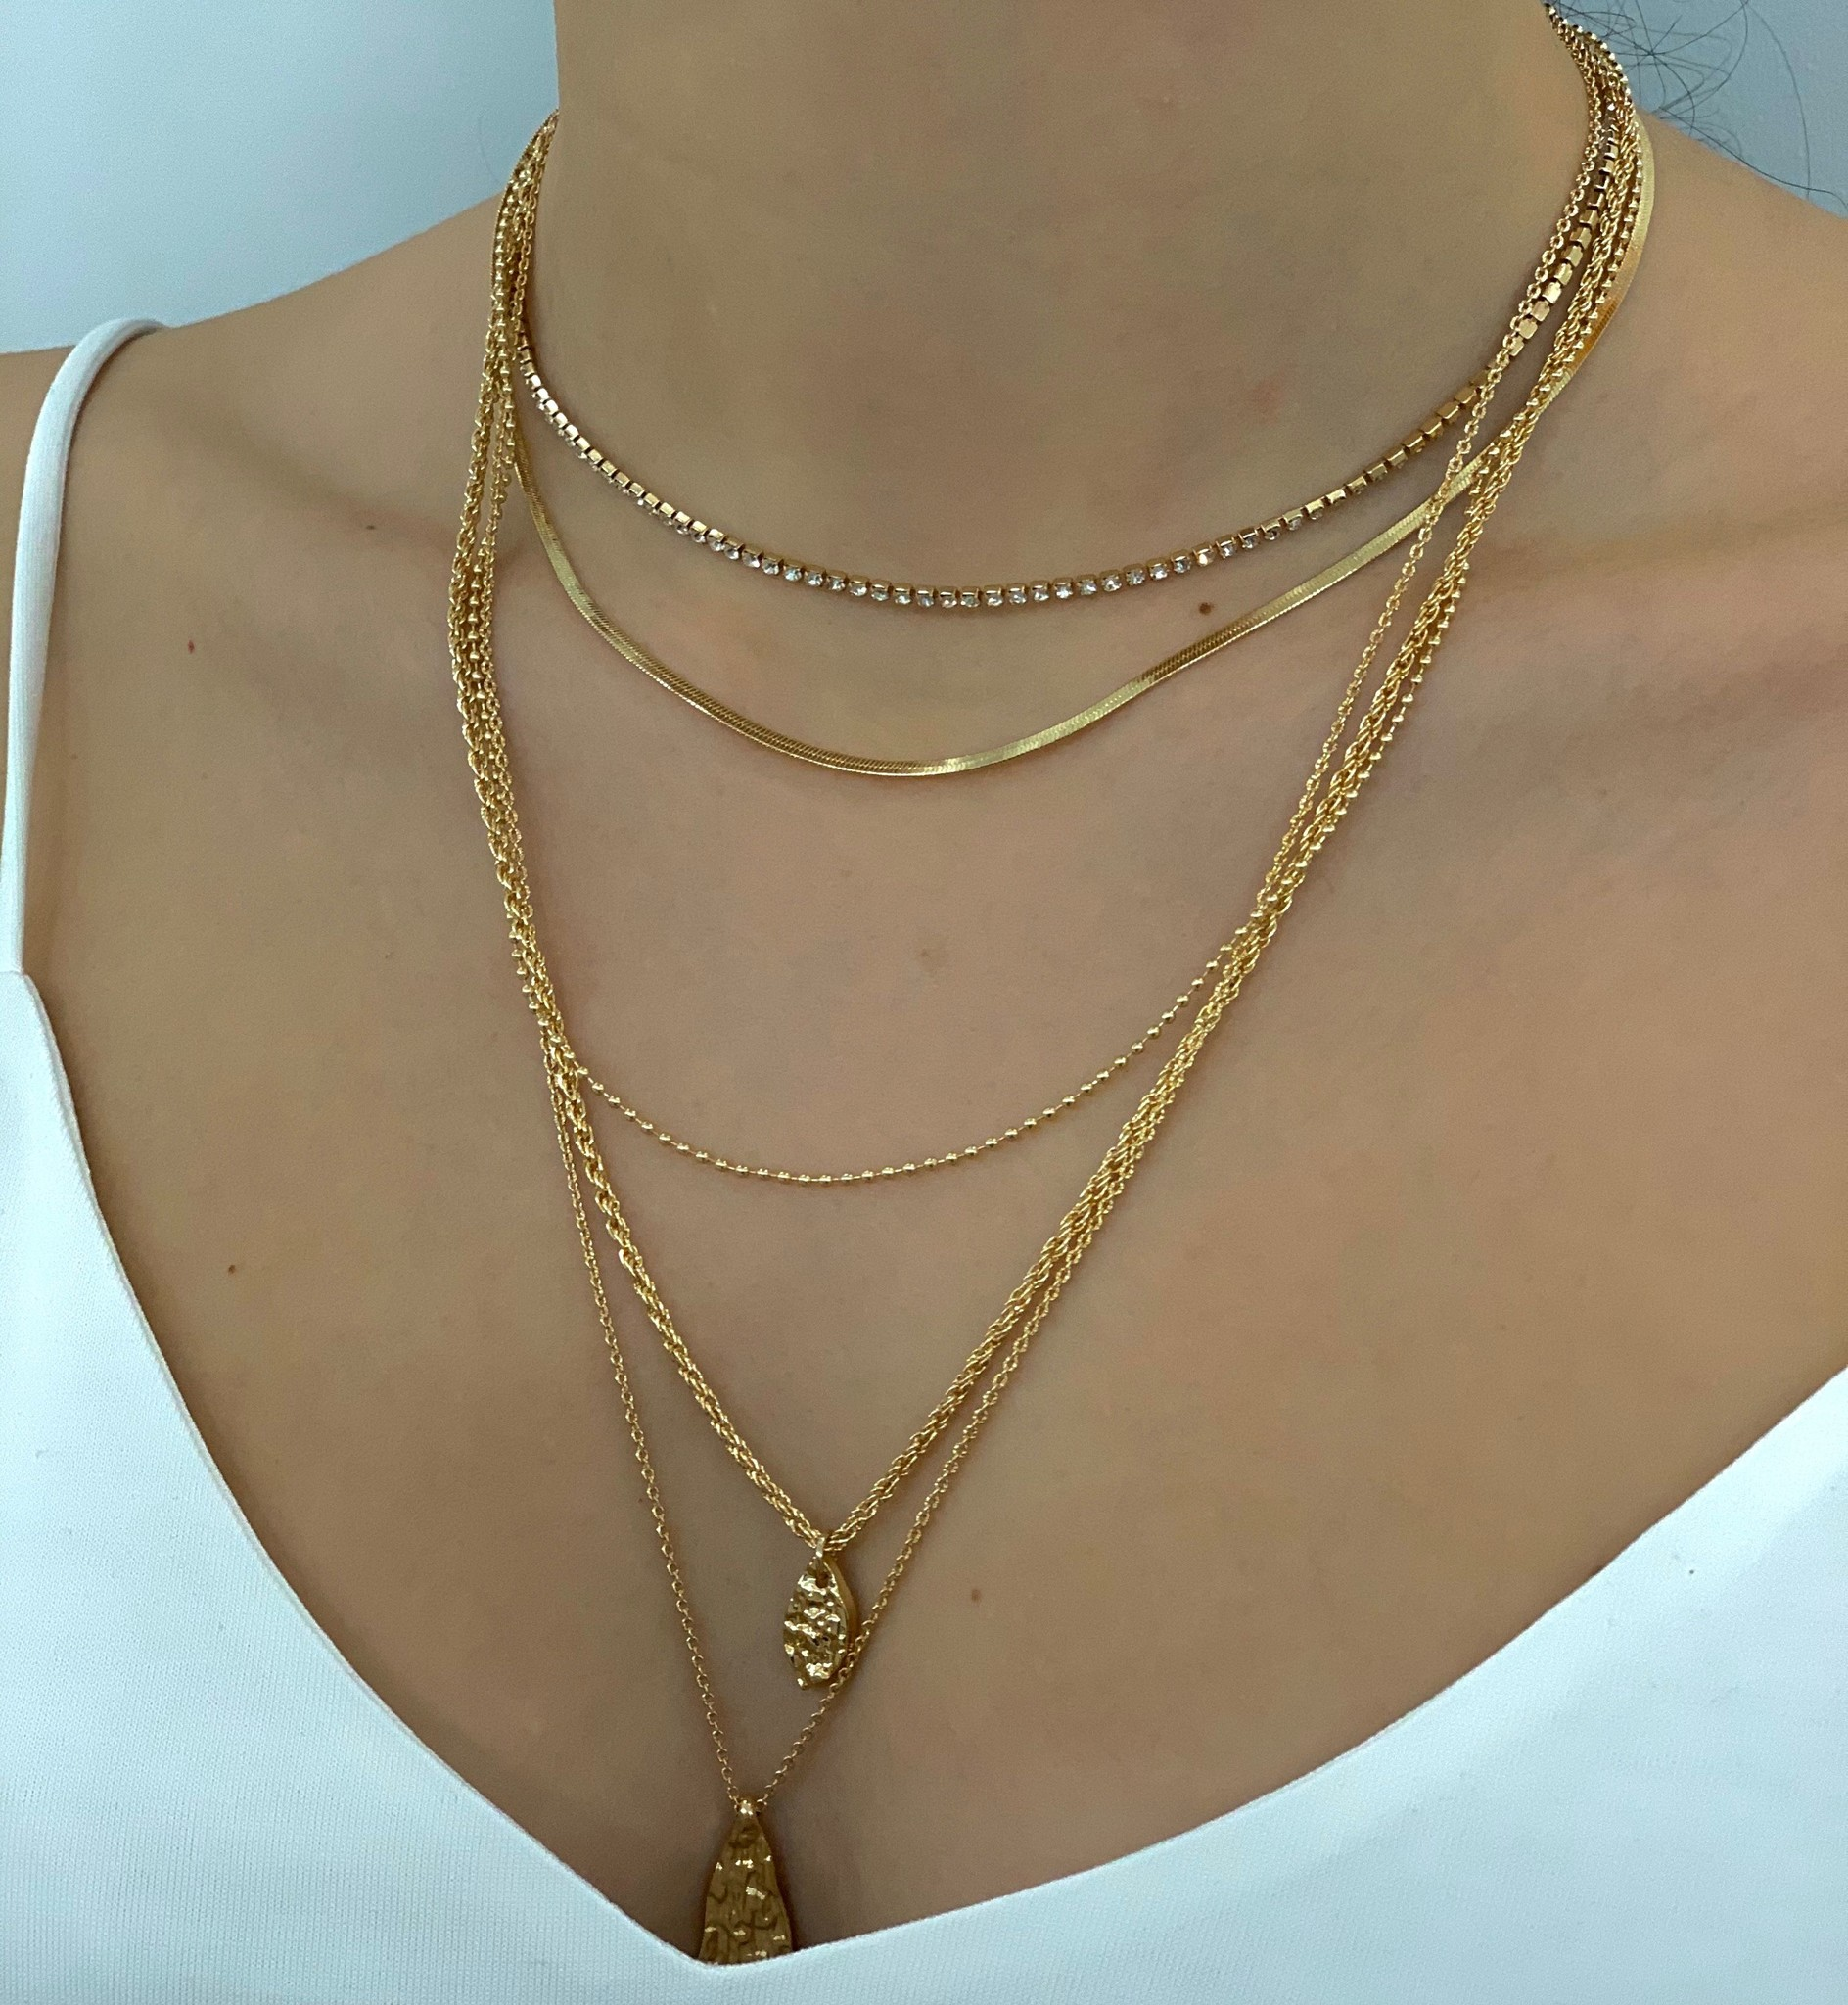 double pendant necklace - gold